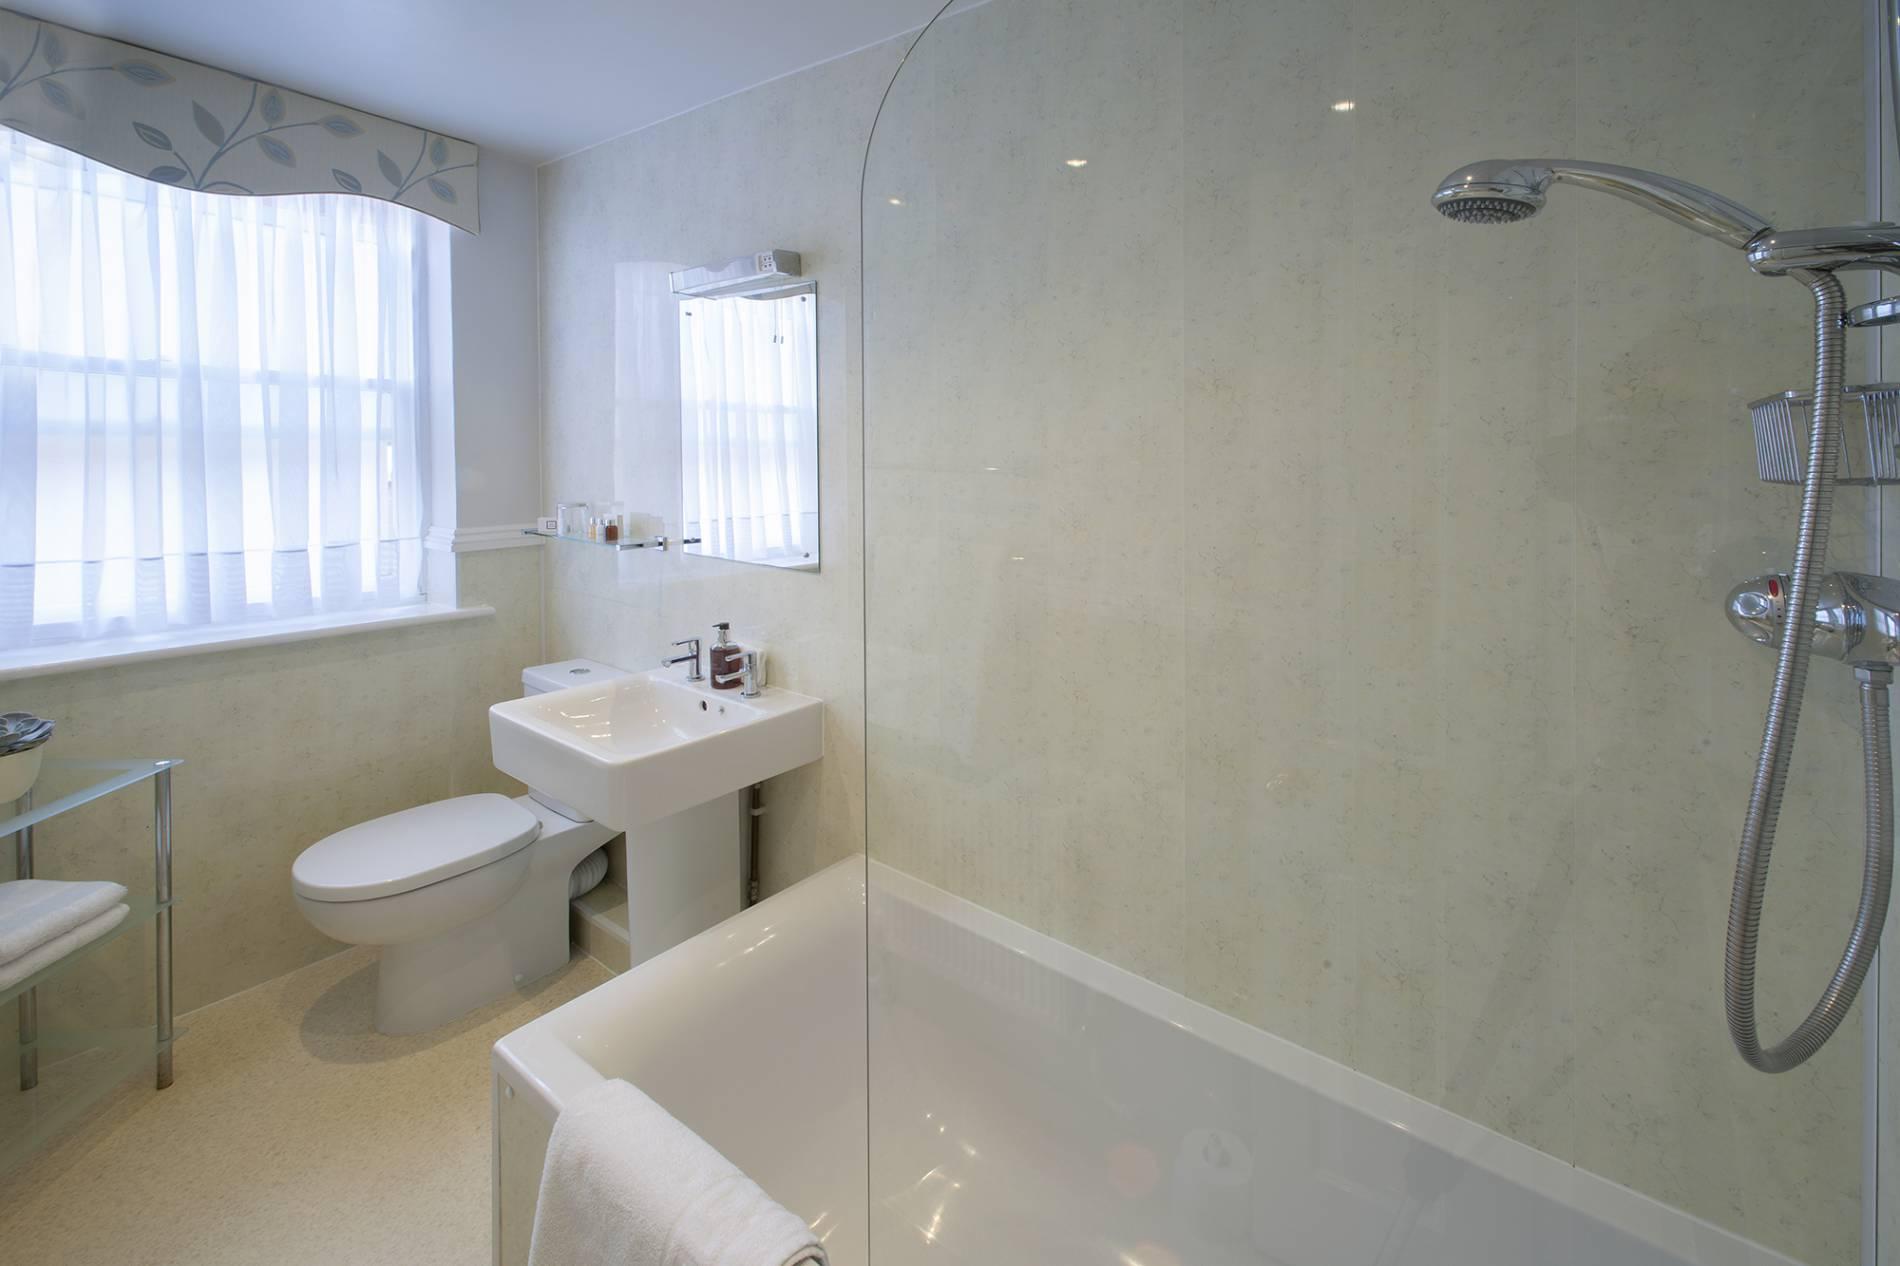 Yorke Lodge Bed and Breakfast Canterbury Kent  family room en suite bathroom 0001